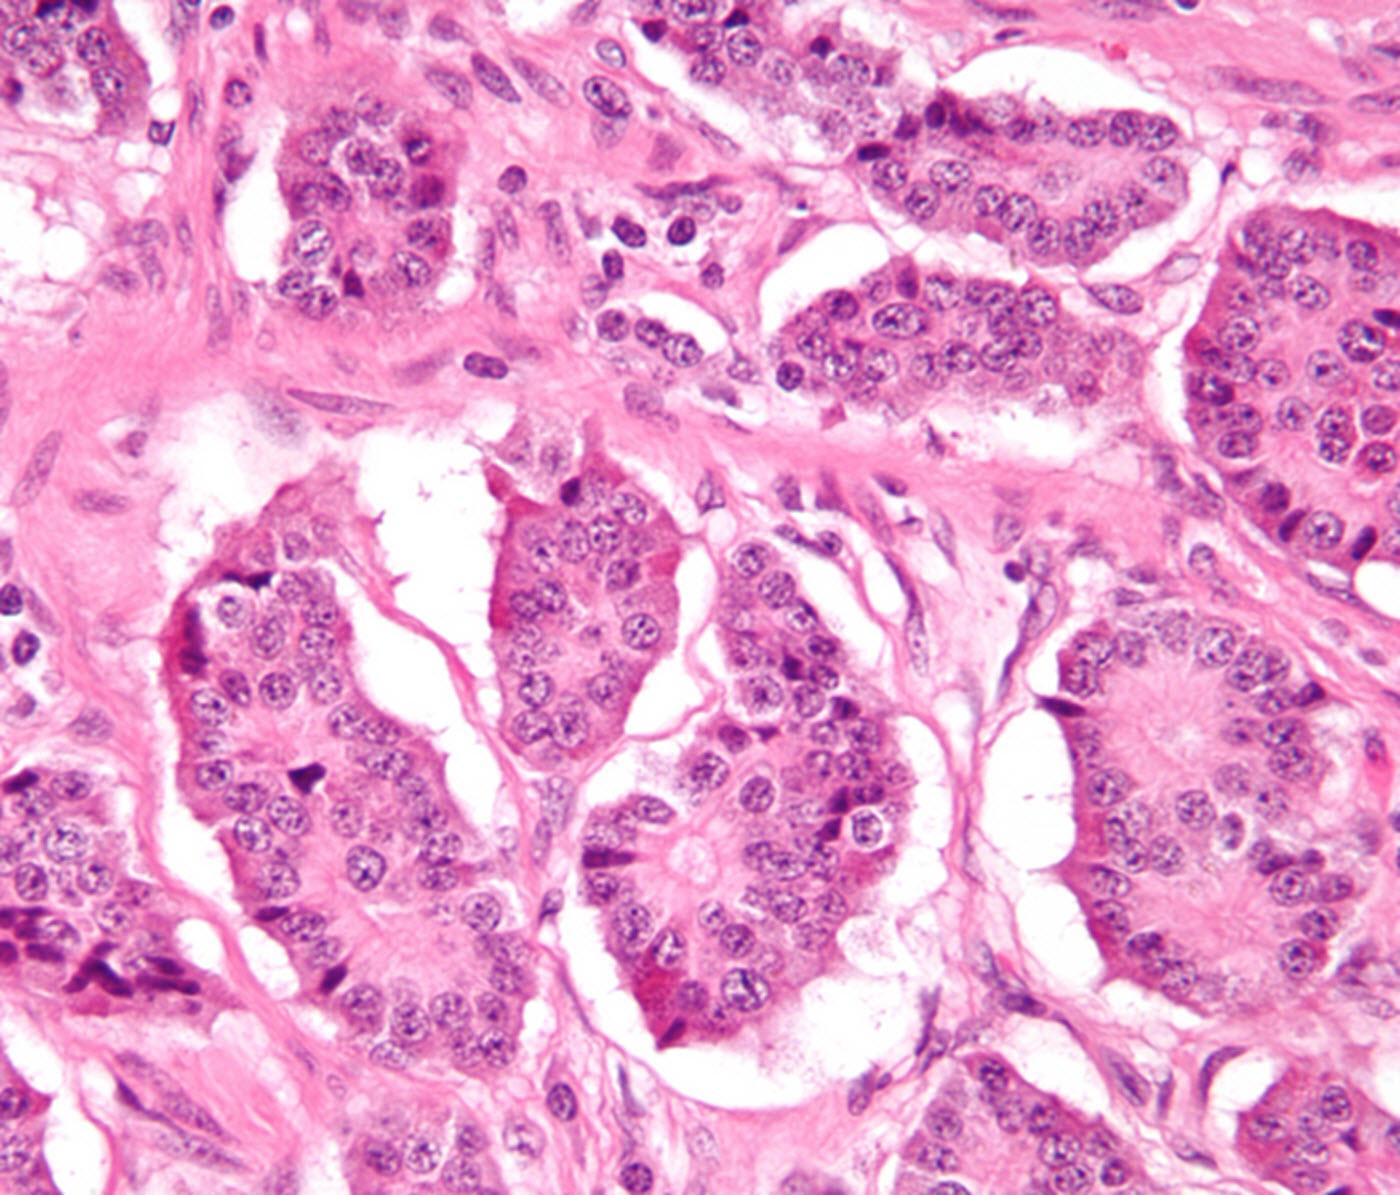 Neuroendocrine cancers